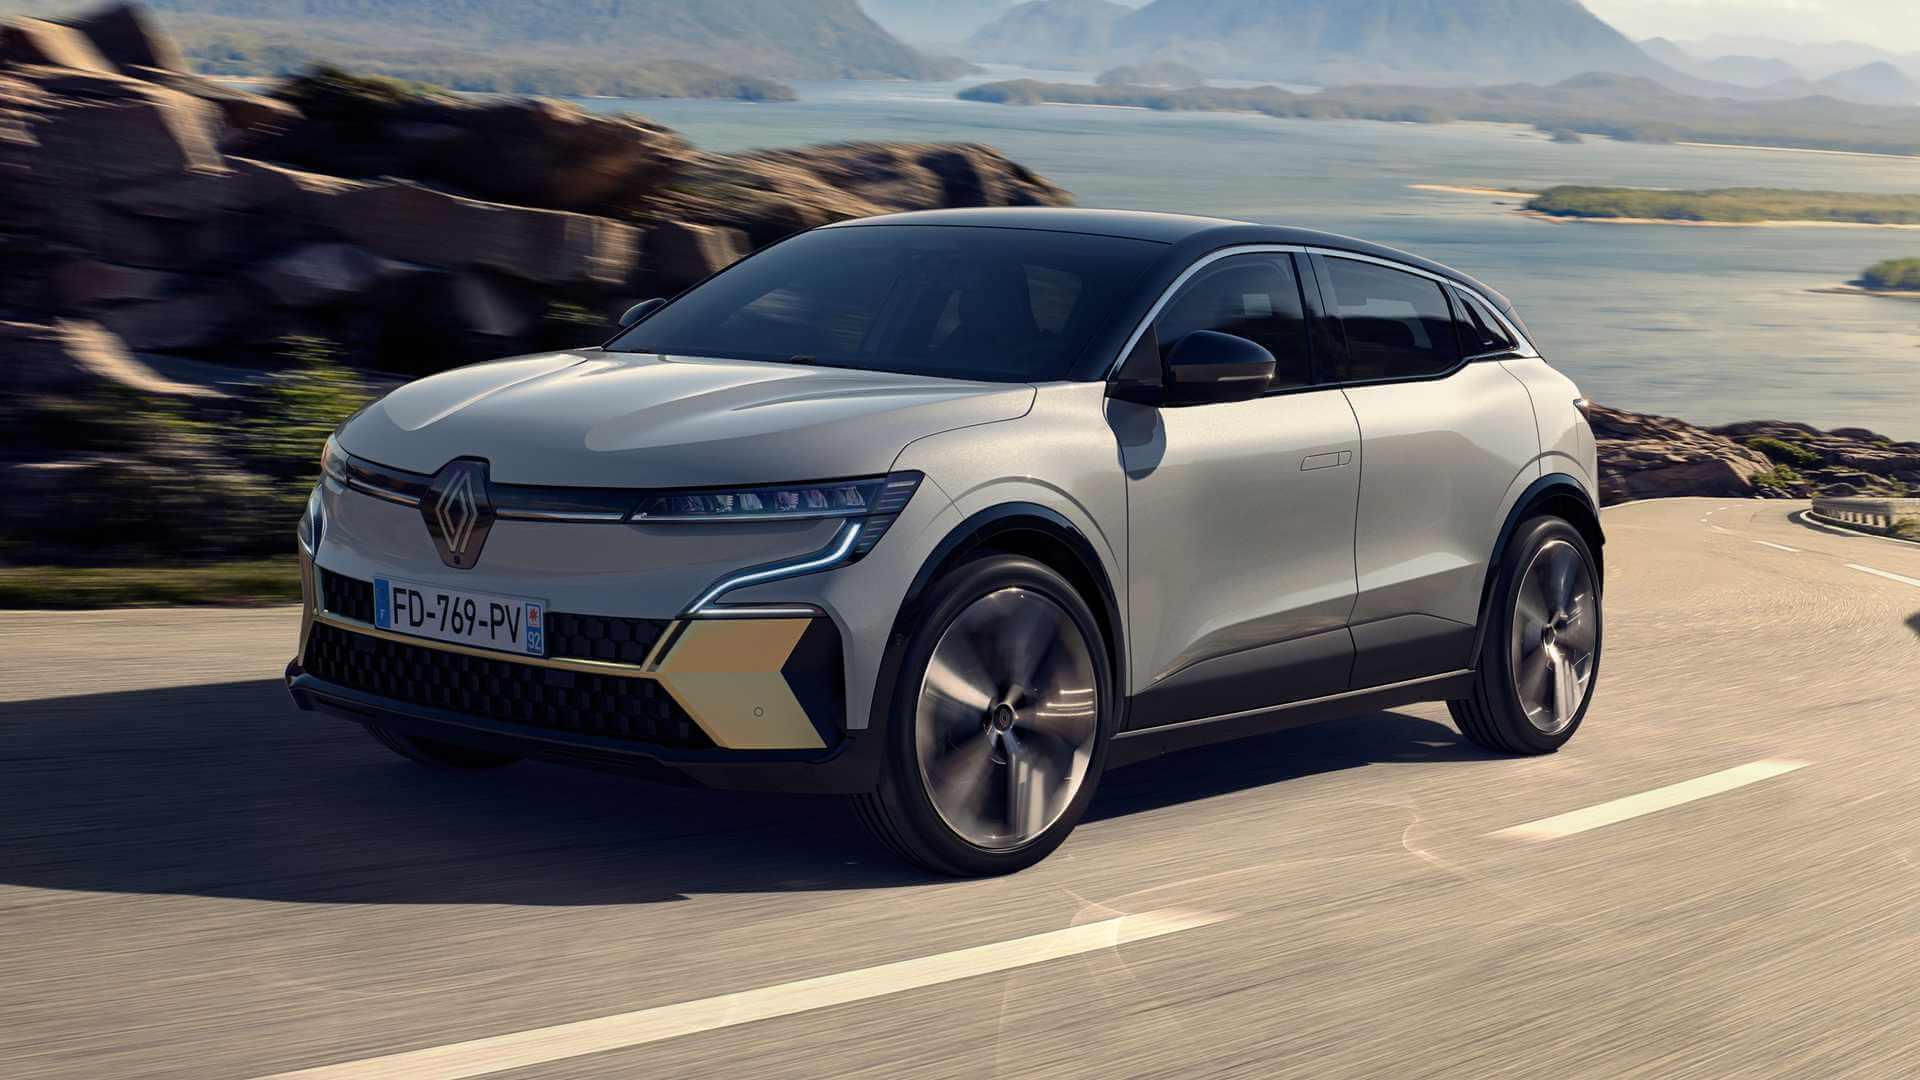 2022 Renault Megane E-Tech Jant Büyüklüğü